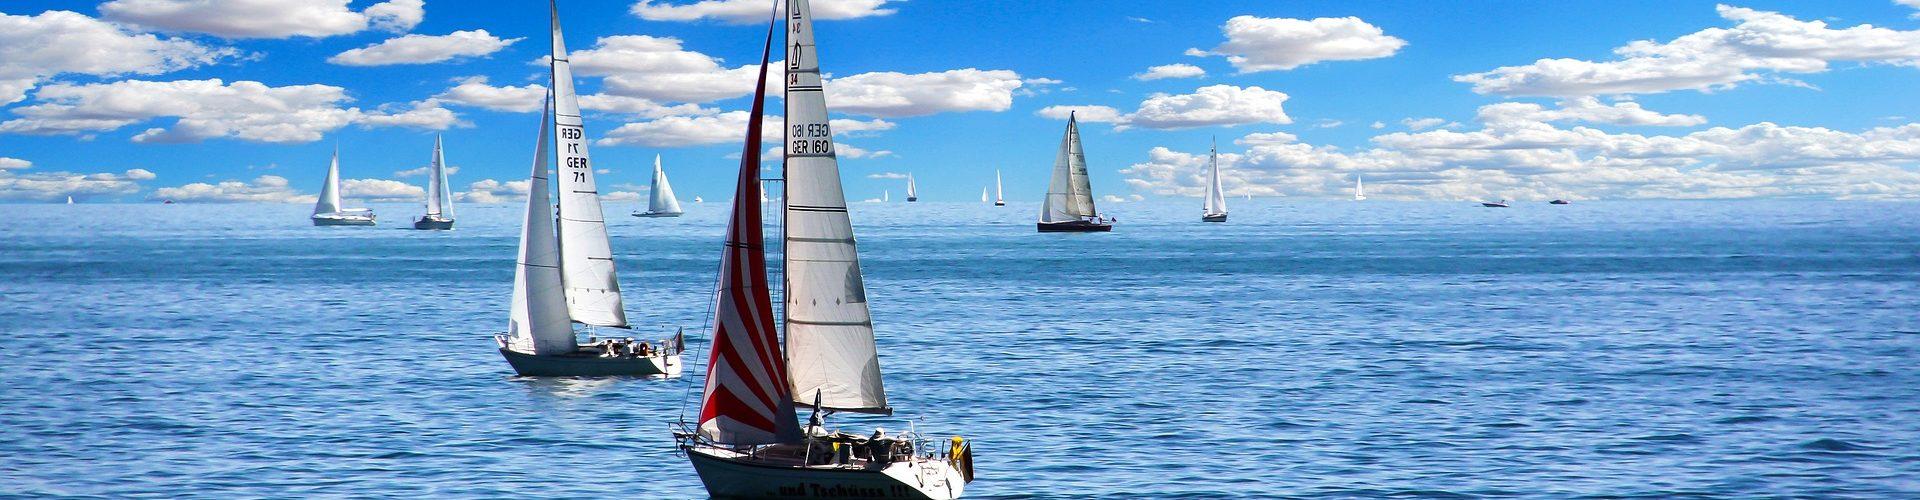 segeln lernen in Papenburg segelschein machen in Papenburg 1920x500 - Segeln lernen in Papenburg